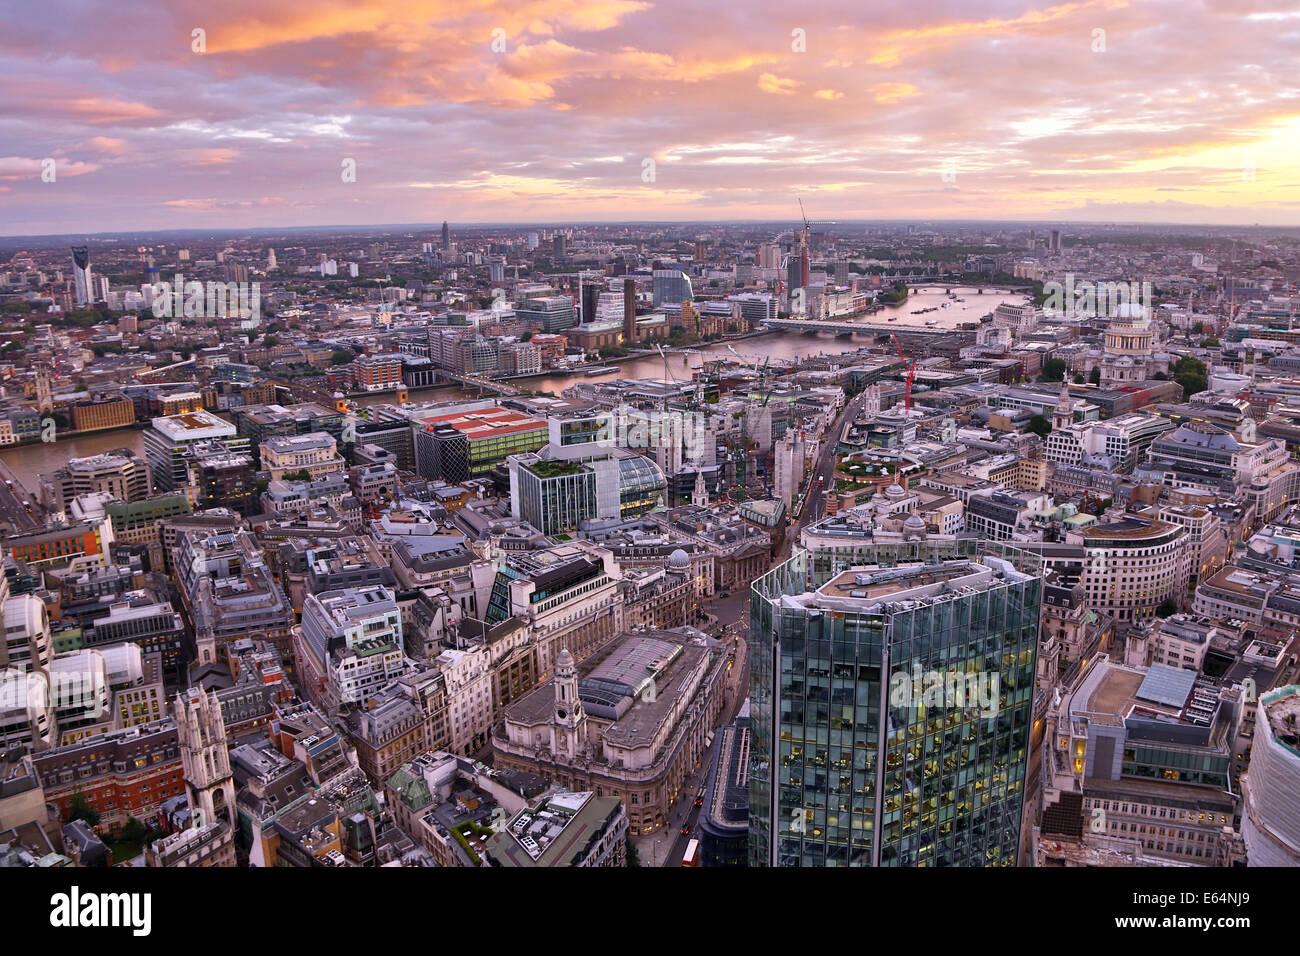 Gesamtansicht der Gebäude die Skyline der Stadt in der Abenddämmerung in London, England Stockbild